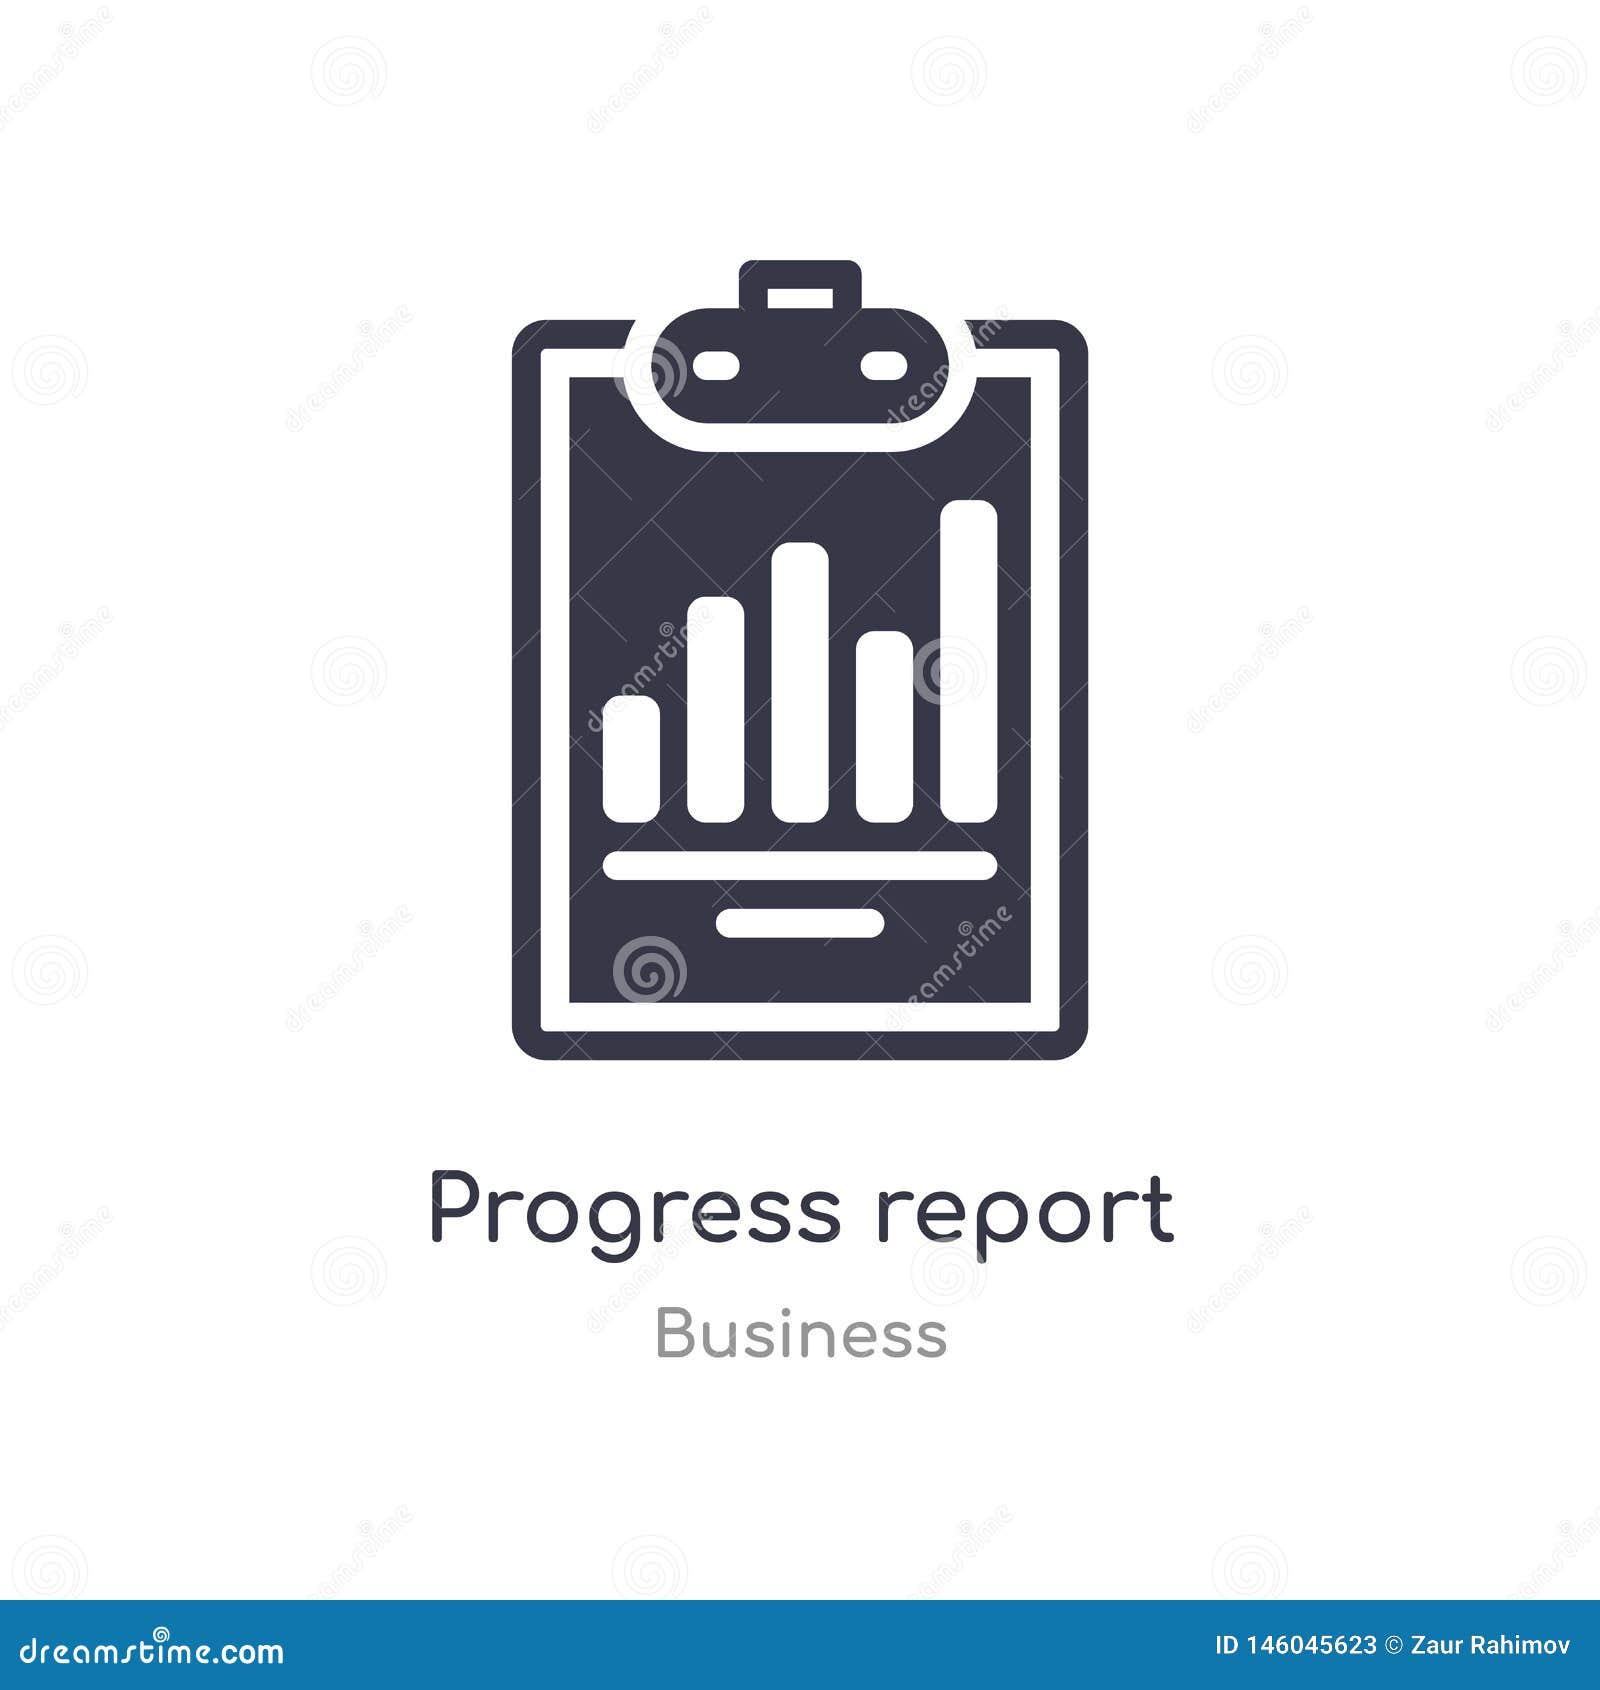 Icono del esquema del informe sobre los progresos l?nea aislada ejemplo del vector de la colecci?n del negocio informe sobre los